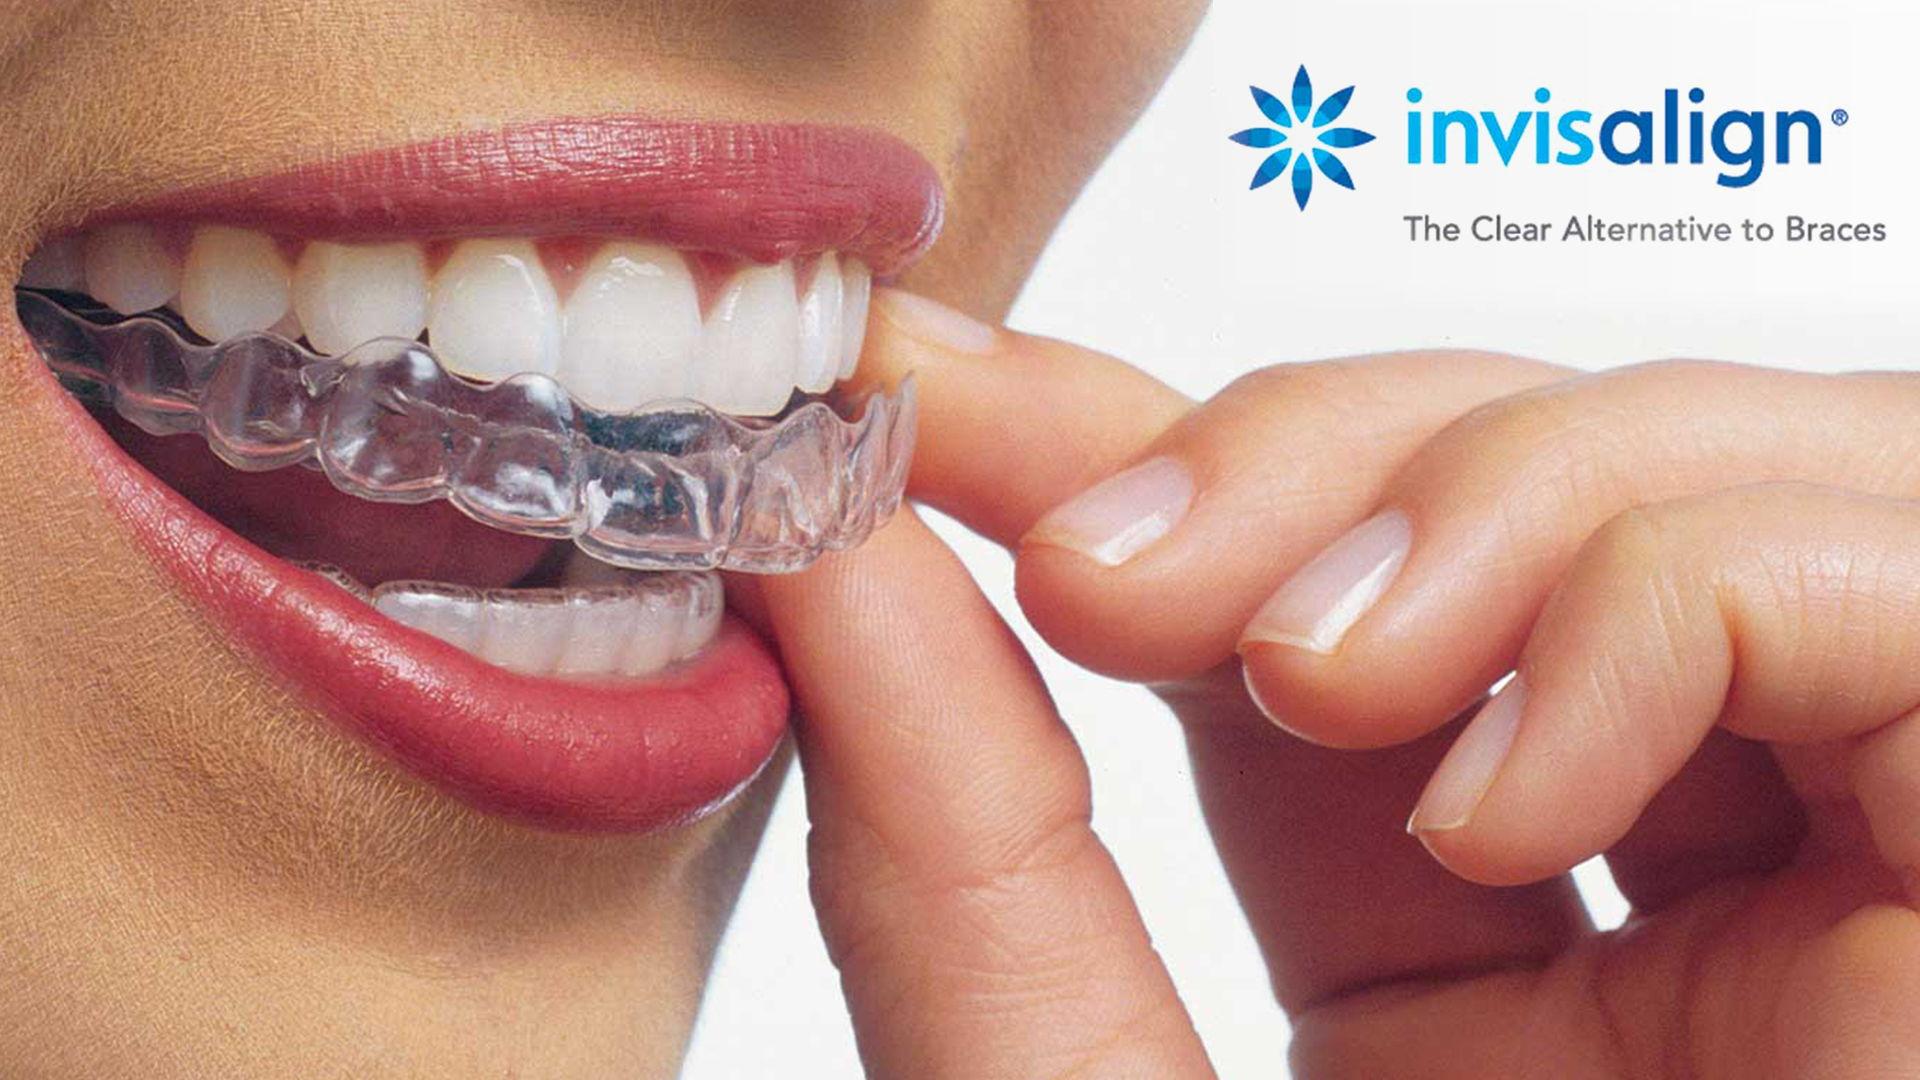 Consigue tu Ortodoncia Invisalign al mejor precio con nuestra Promoción de Febrero